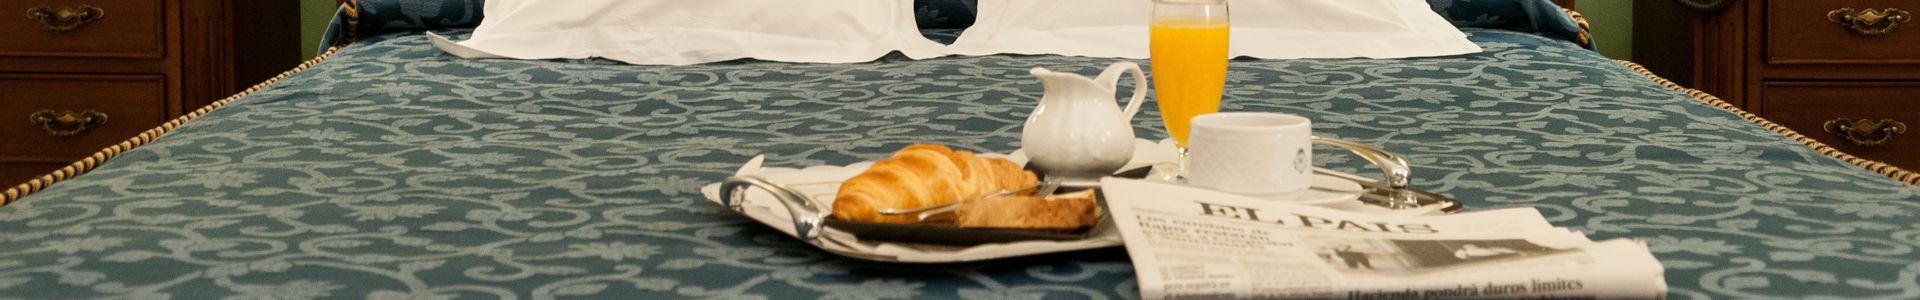 Siviglia Hotel Servizi